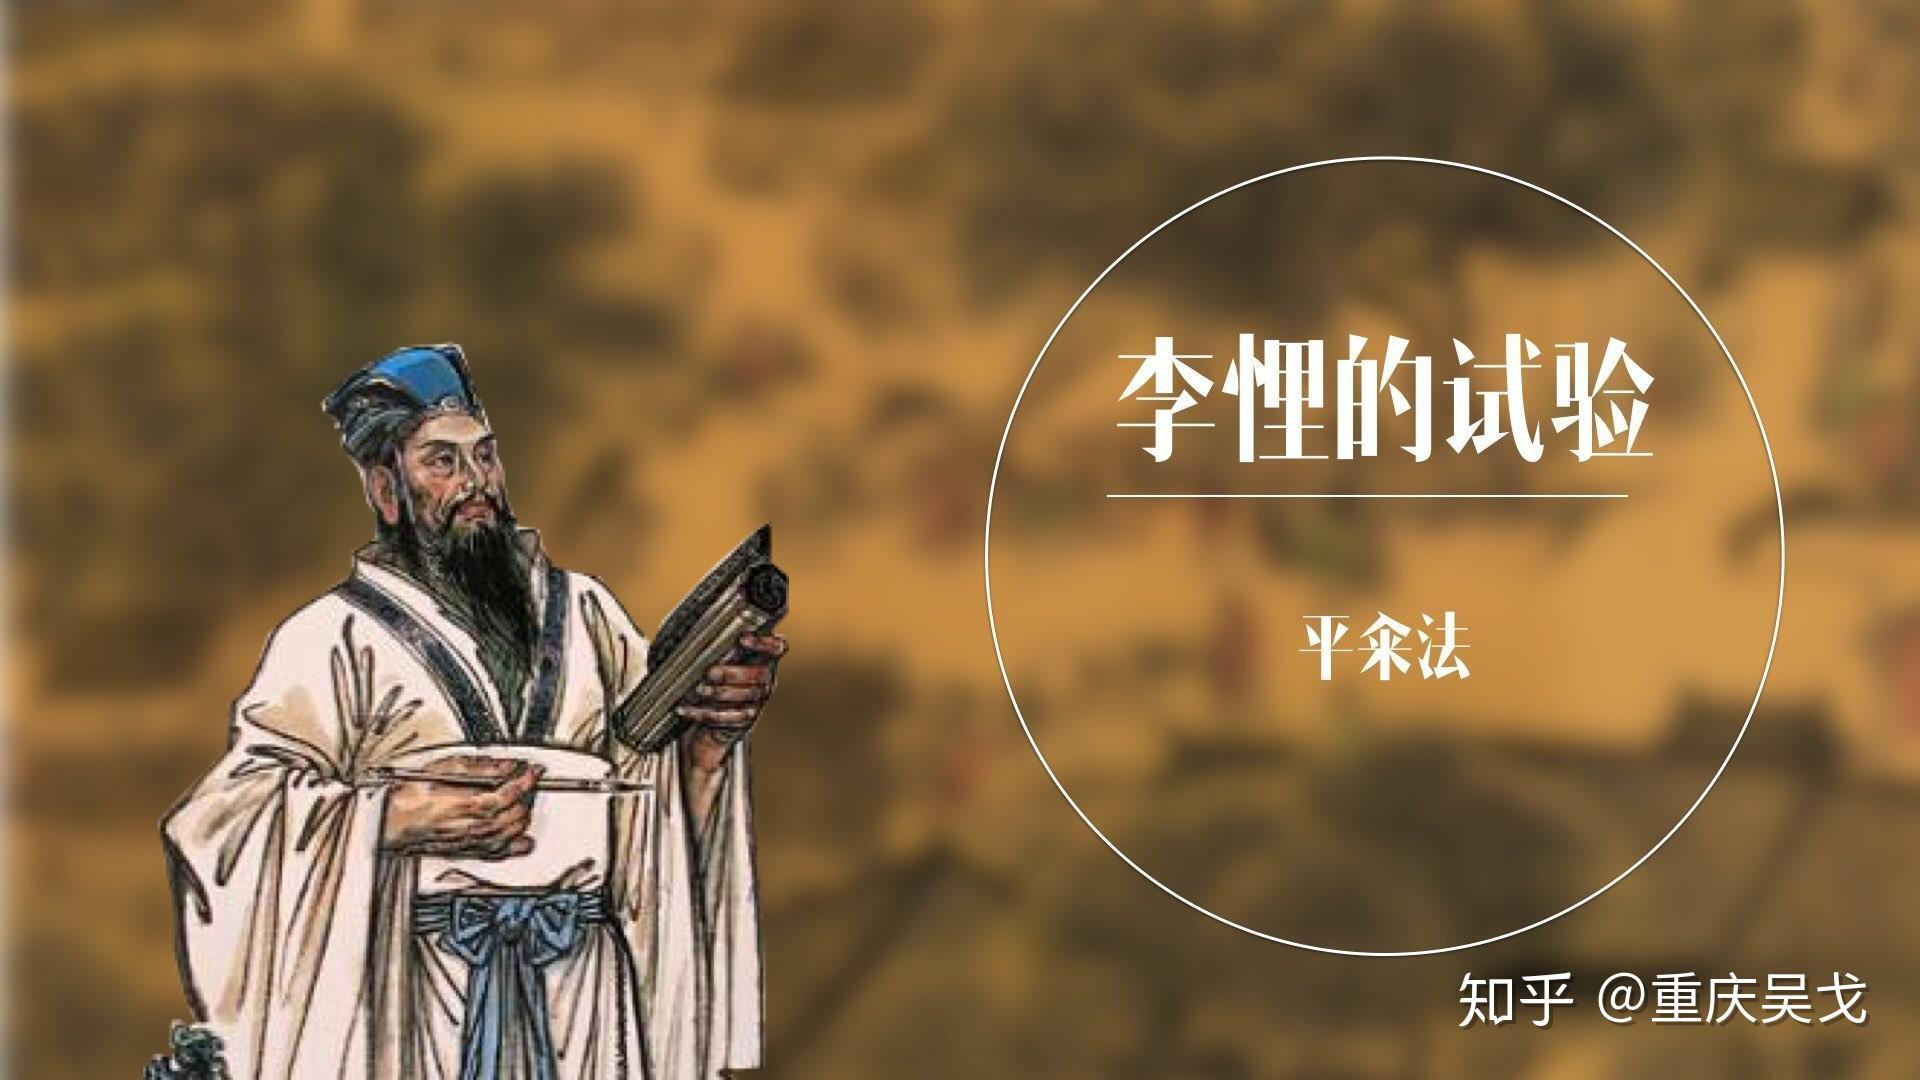 儒法之争_如何评价《诗经•硕鼠》? - 知乎